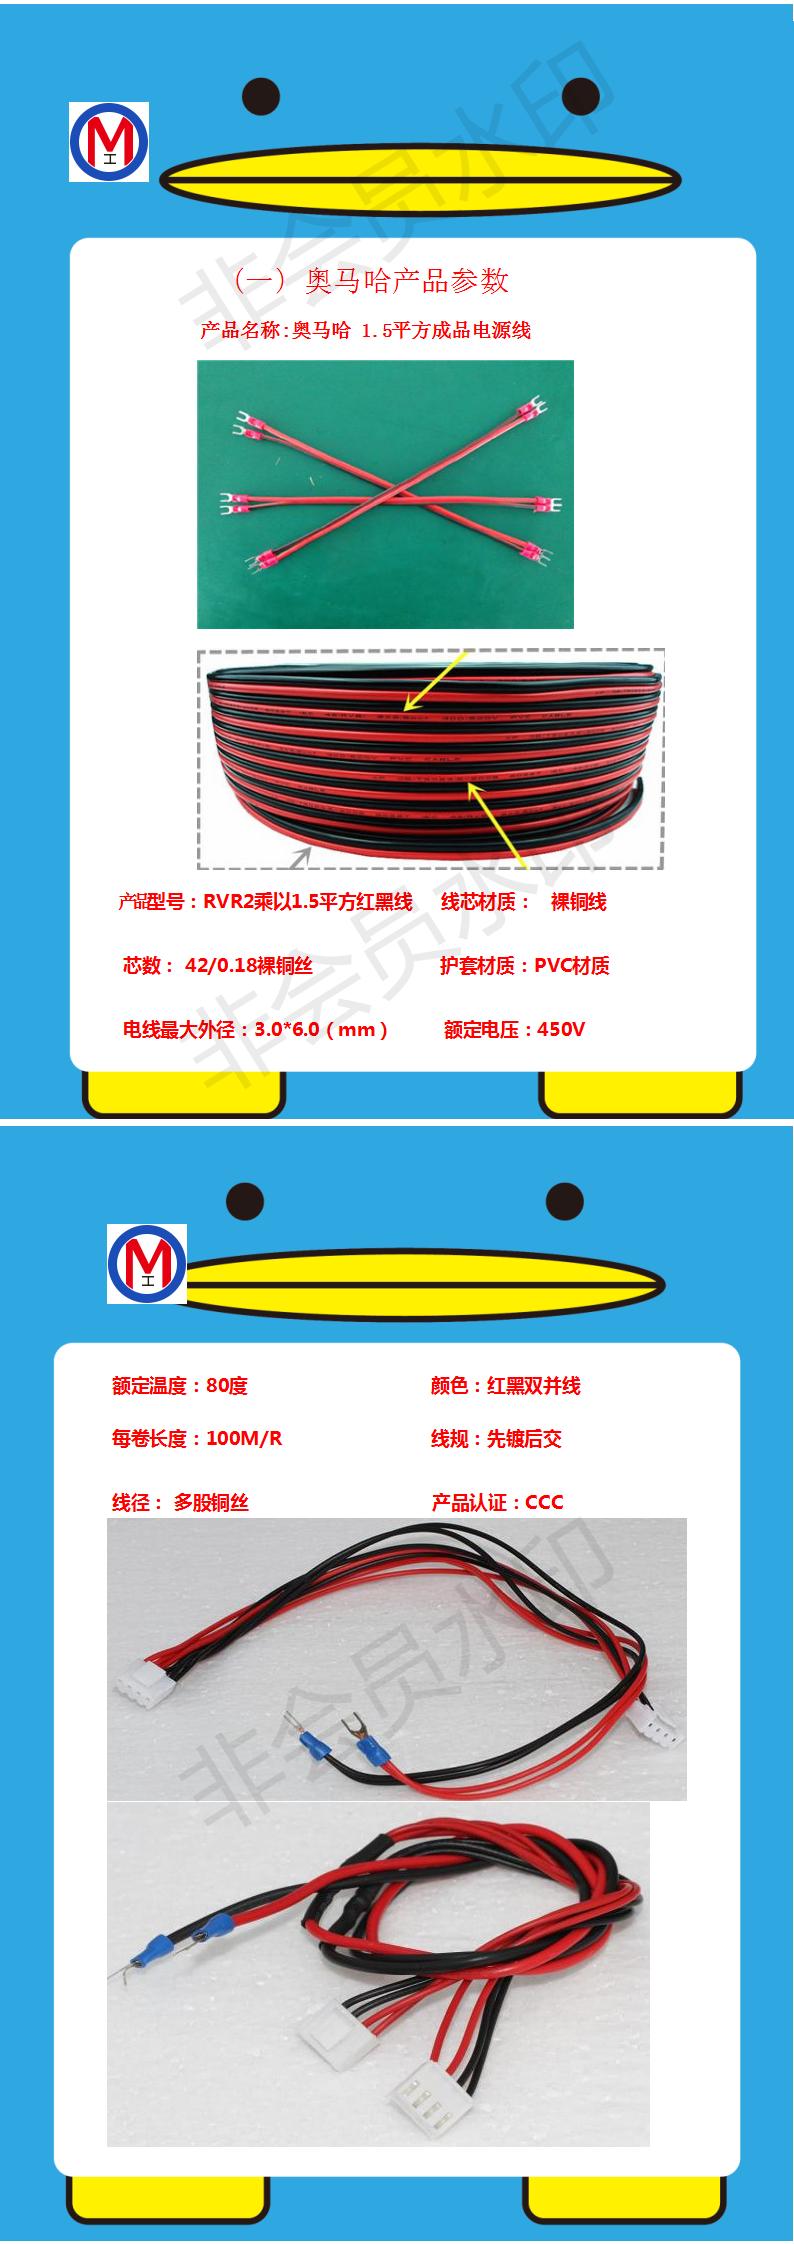 济南市LED户外双色显示屏模组专用40CM成品电源线(奥马哈)